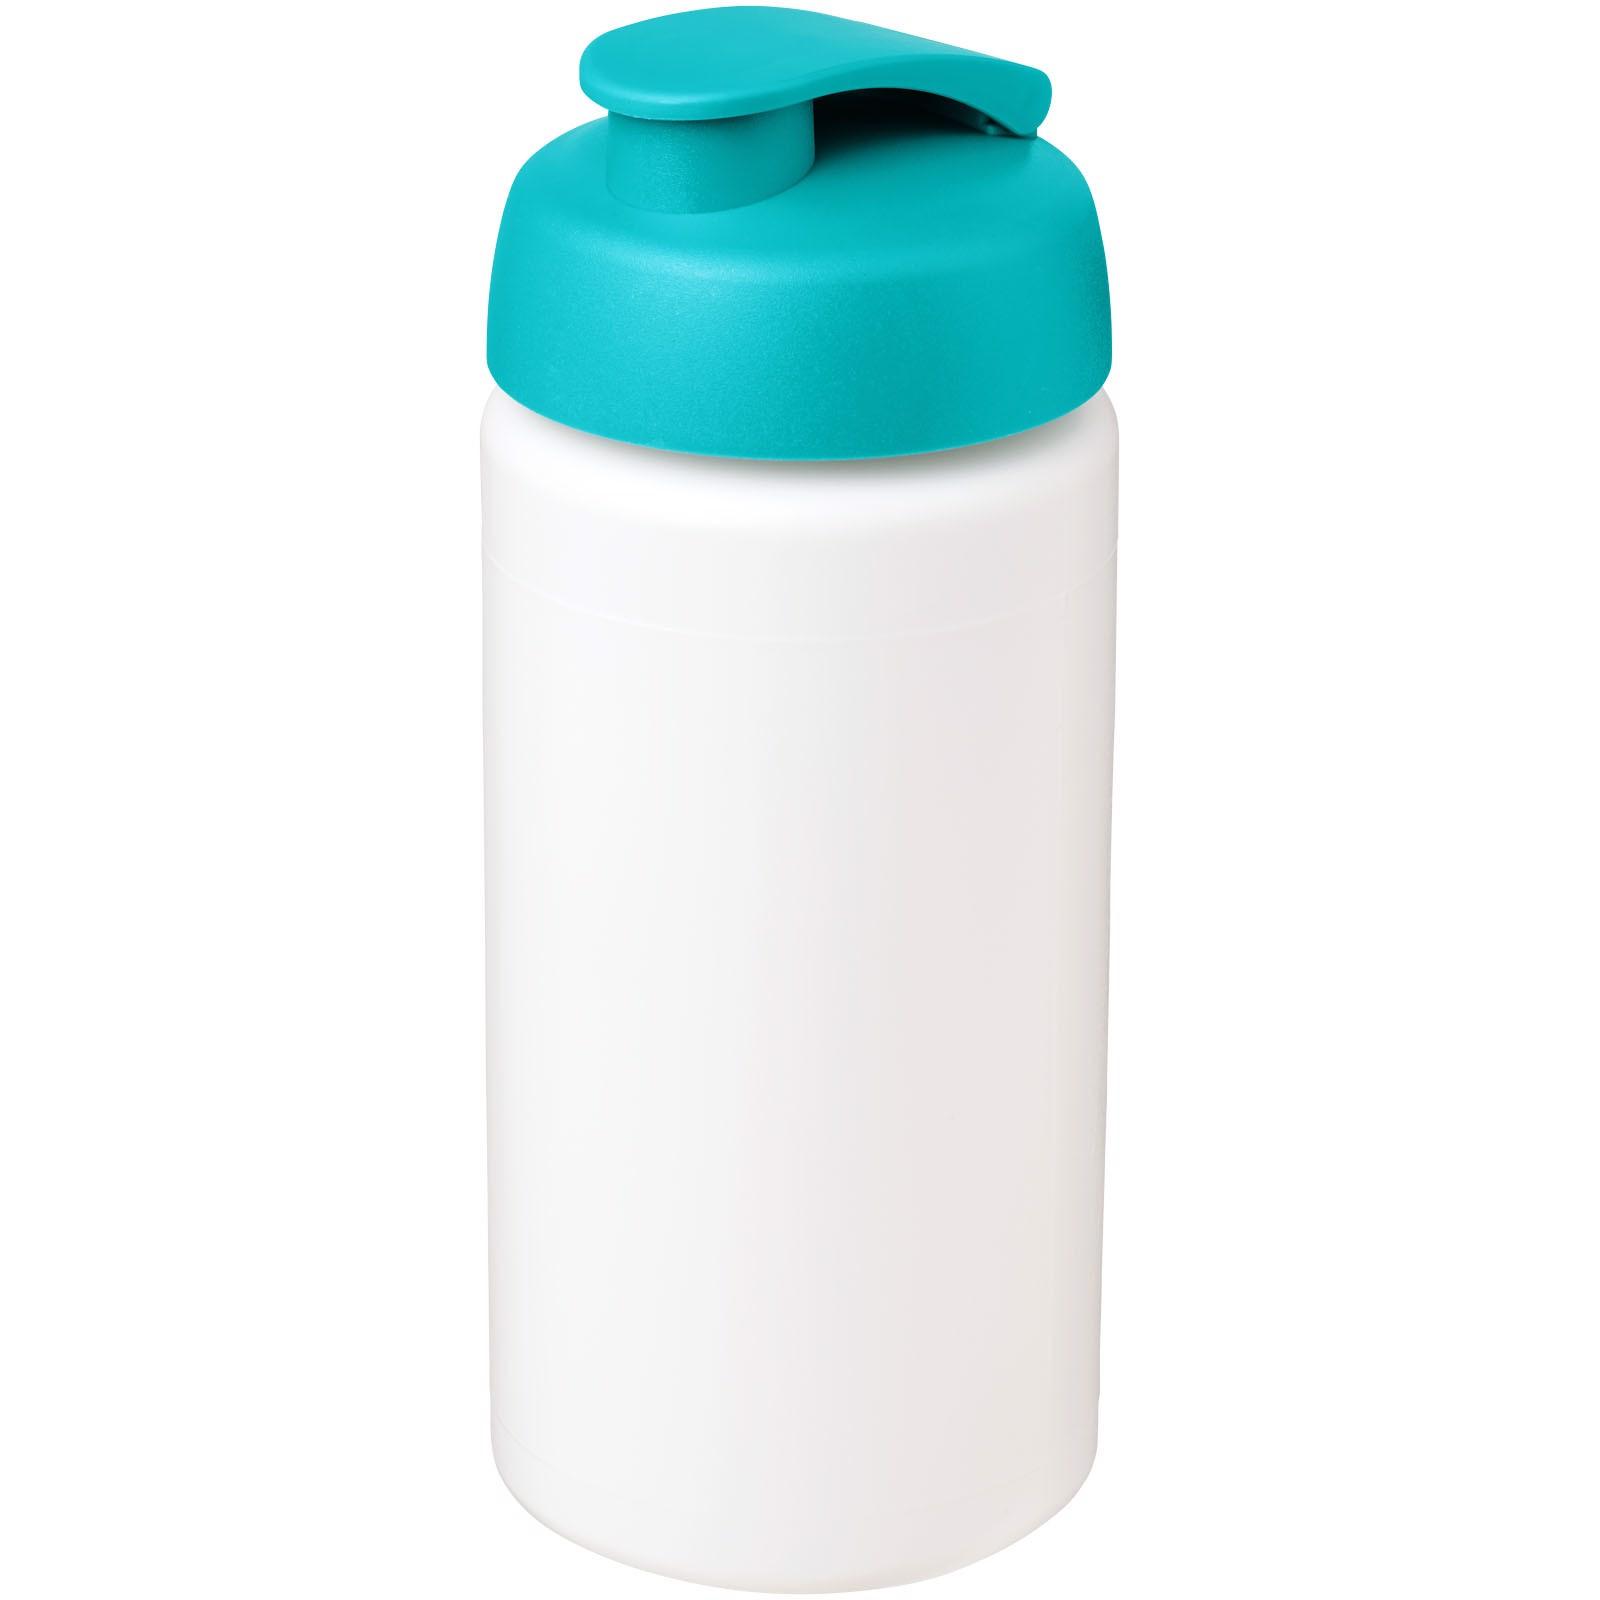 Baseline® Plus grip 500 ml Sportflasche mit Klappdeckel - Weiss / Aquablau